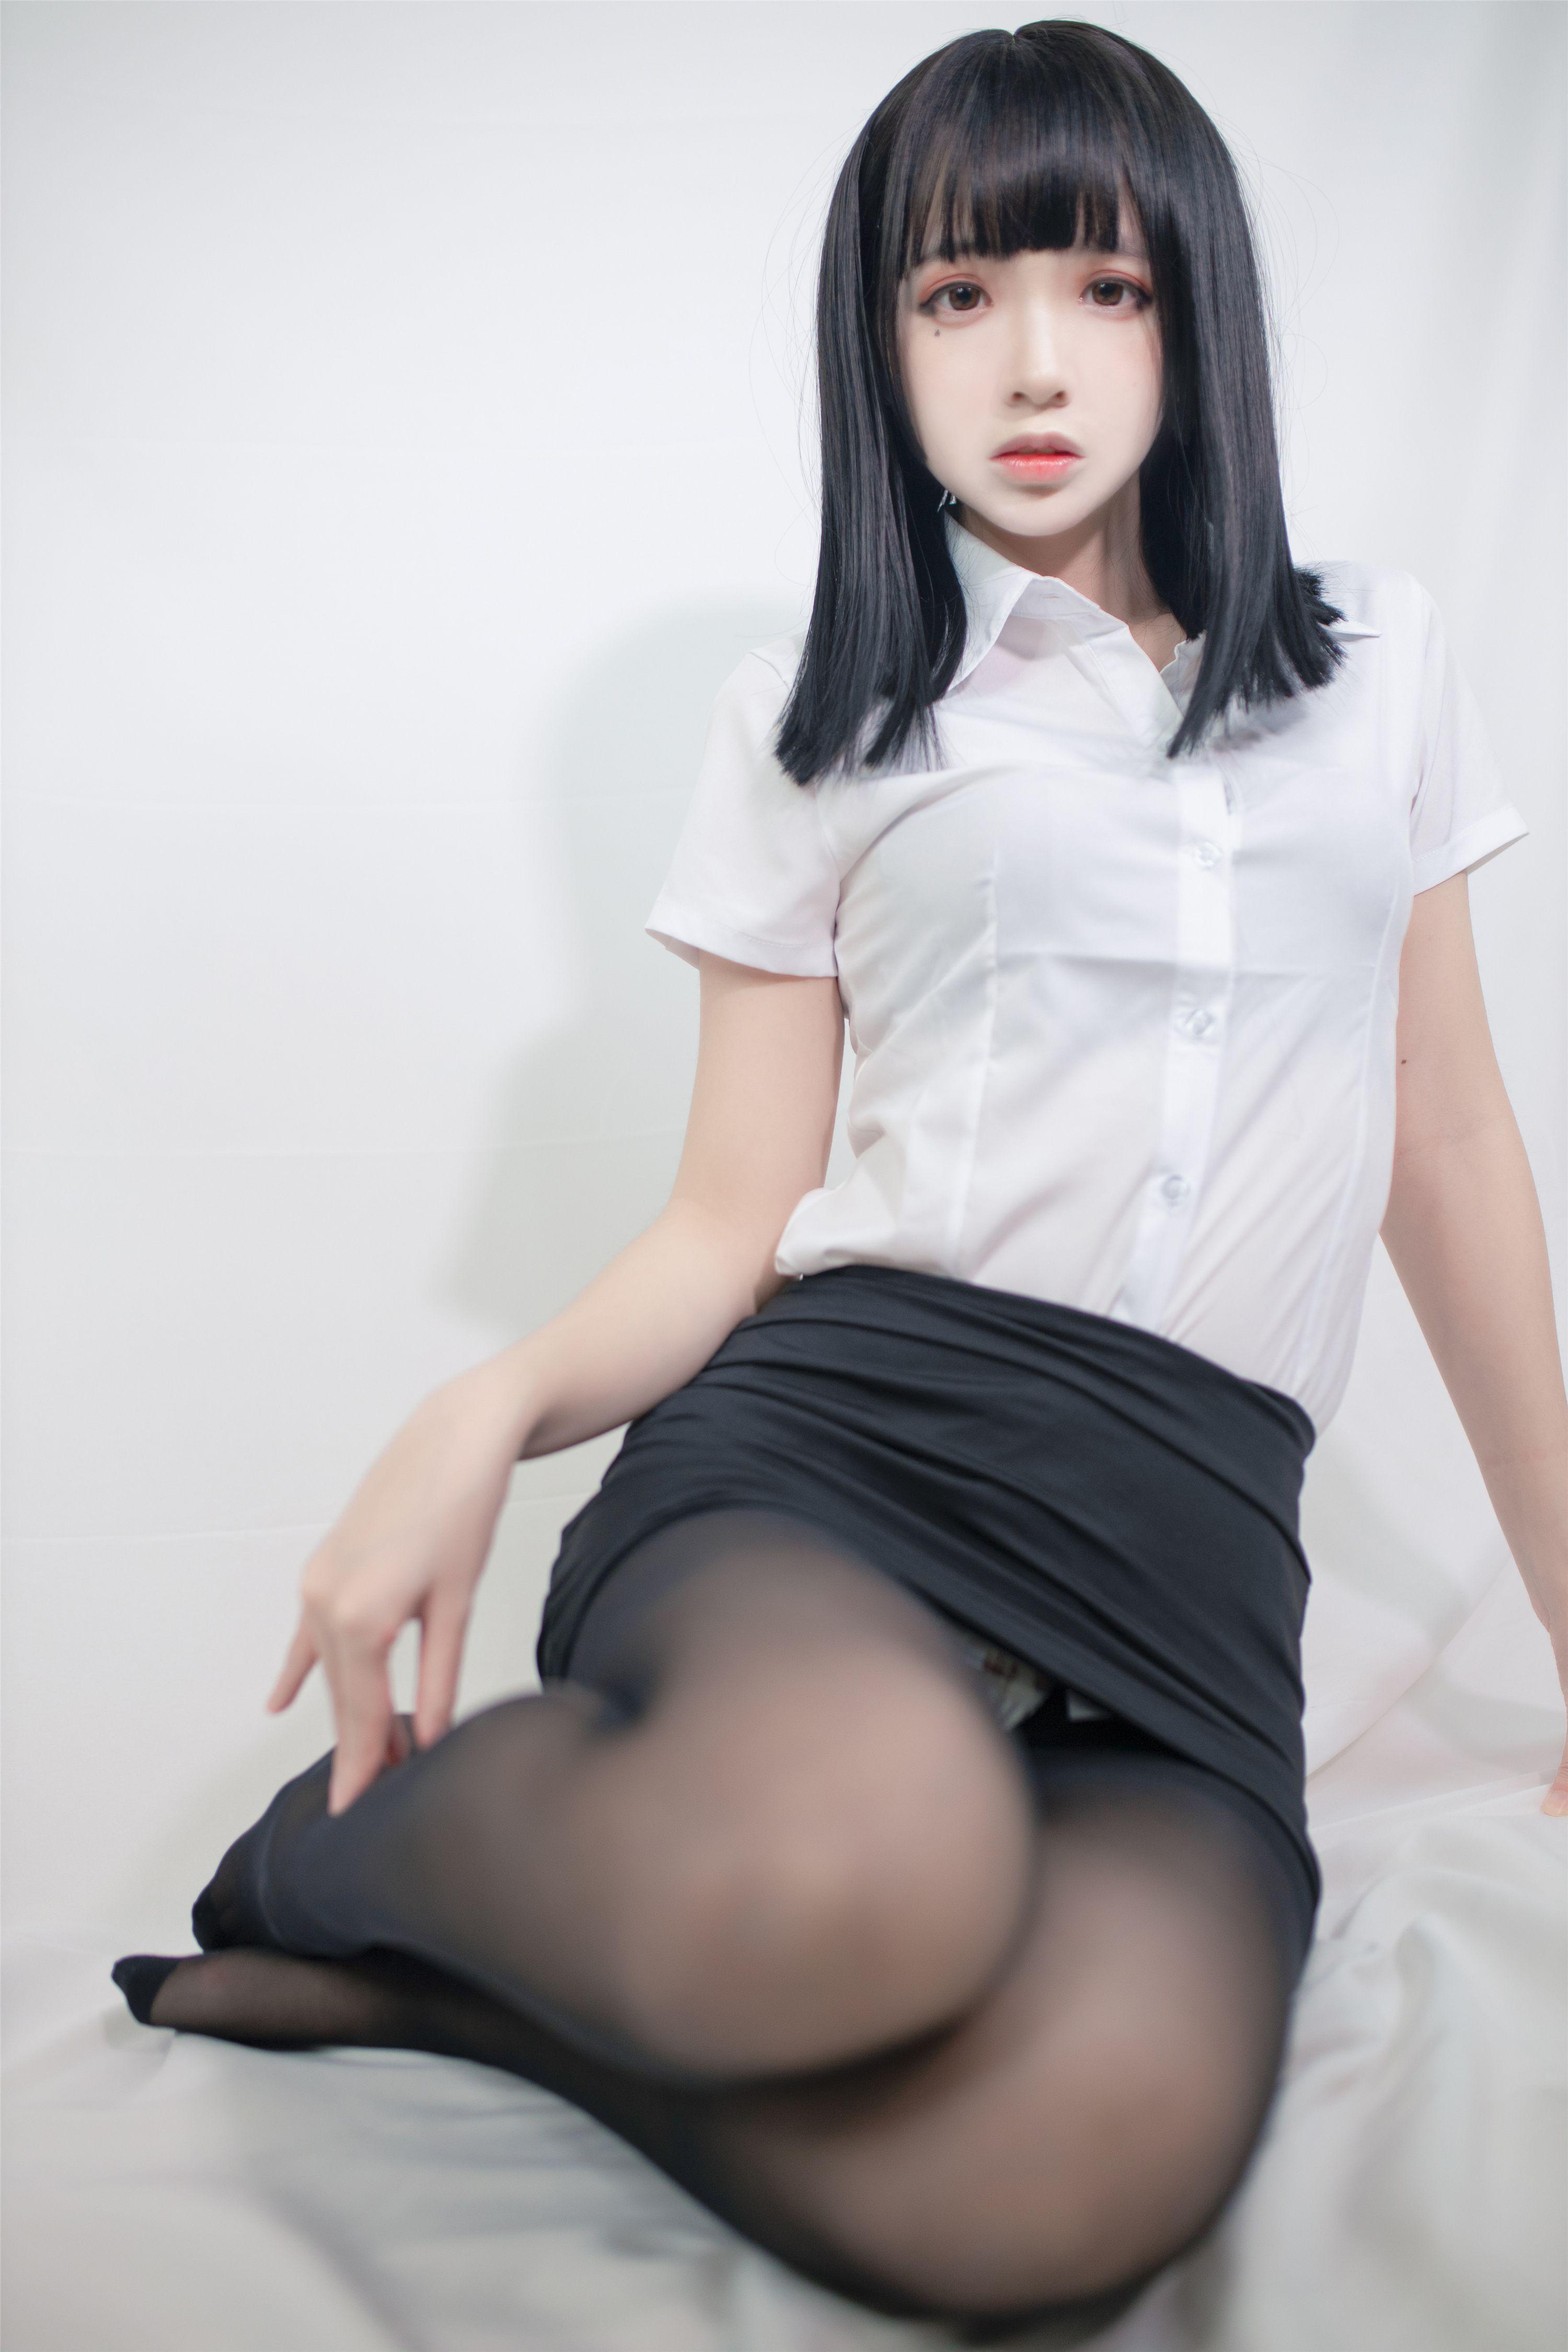 疯猫SS最新OL写真,贴身秘书开始办公